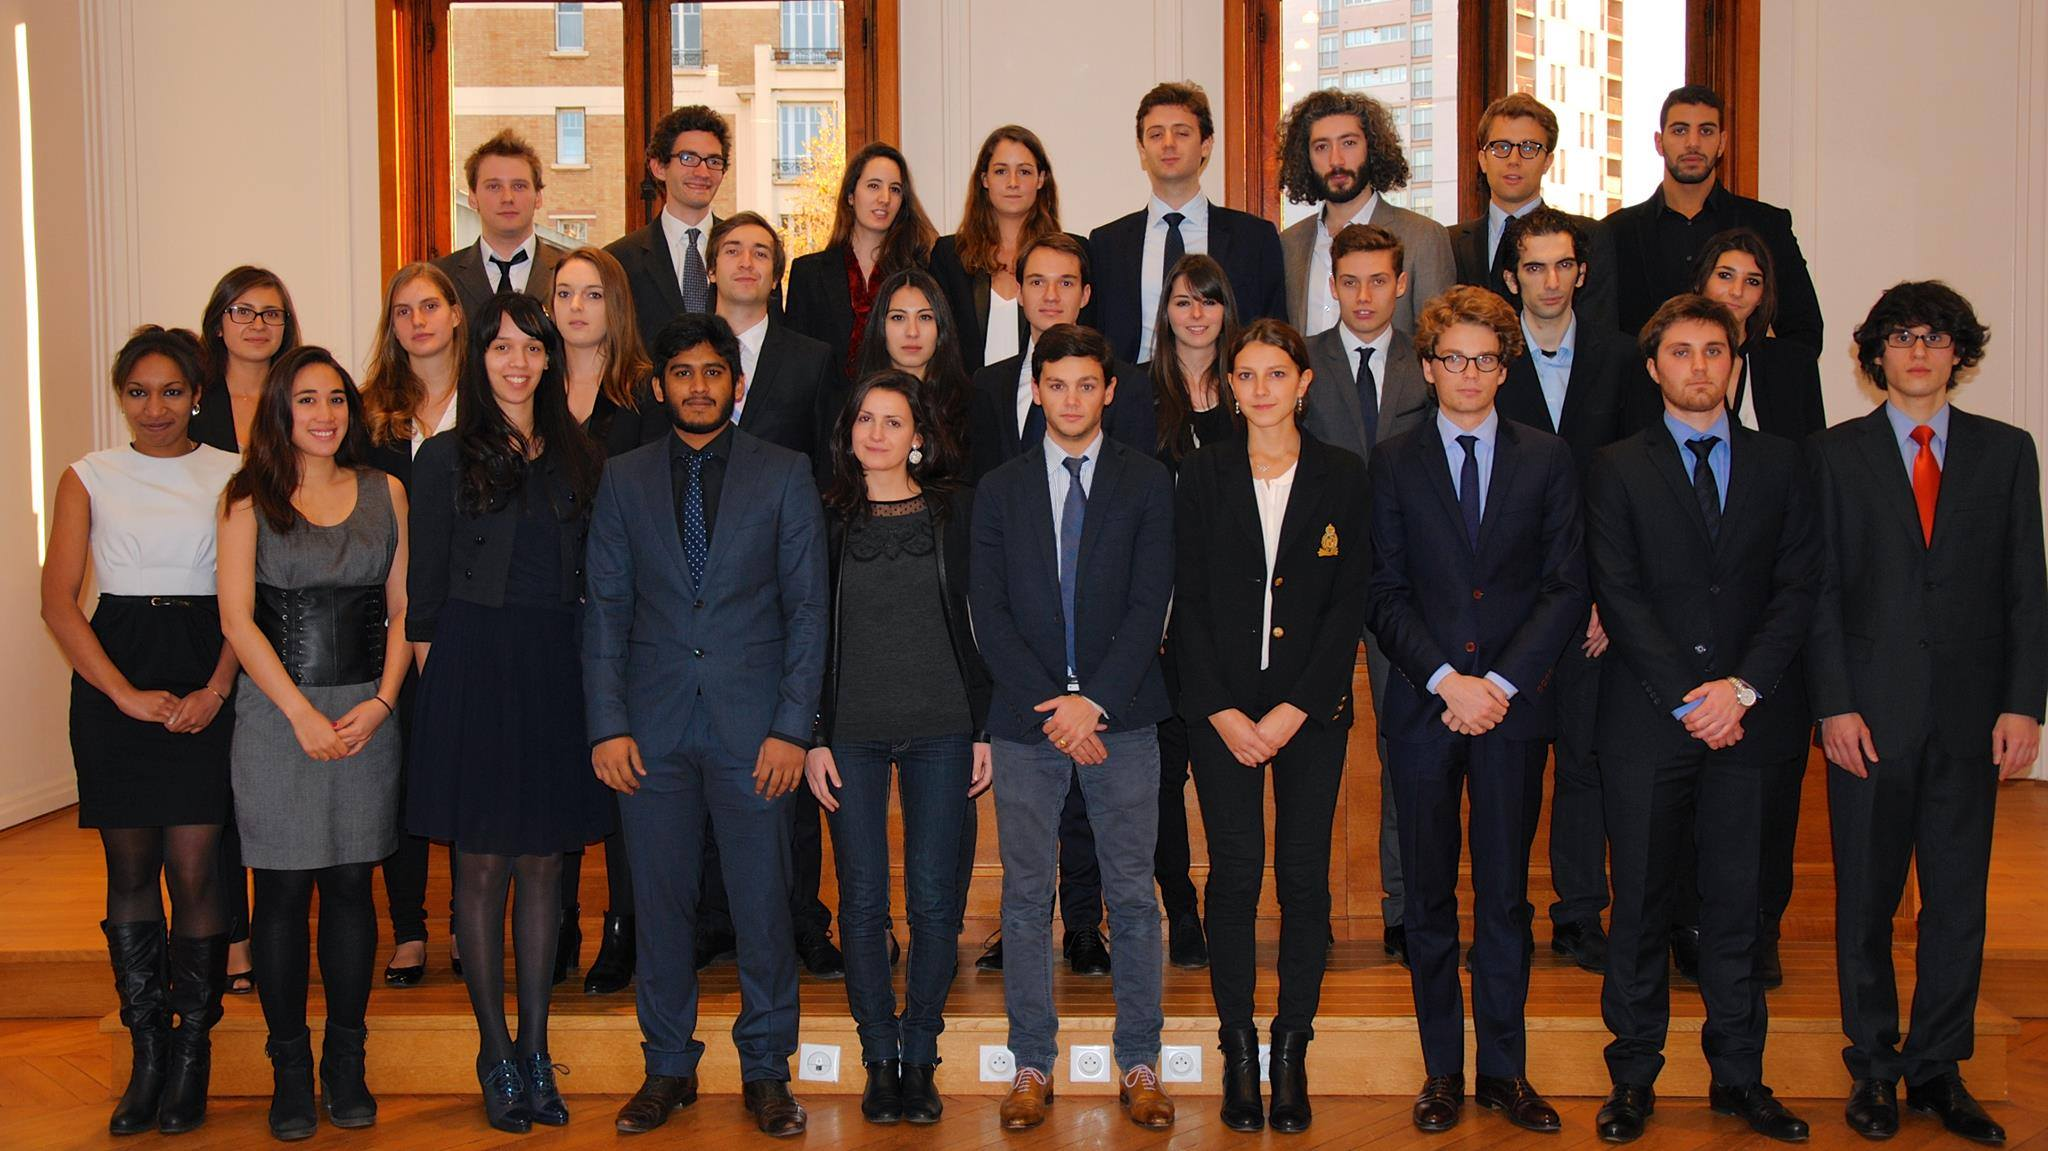 Juriste d'affaires Paris Descartes 2013/2014